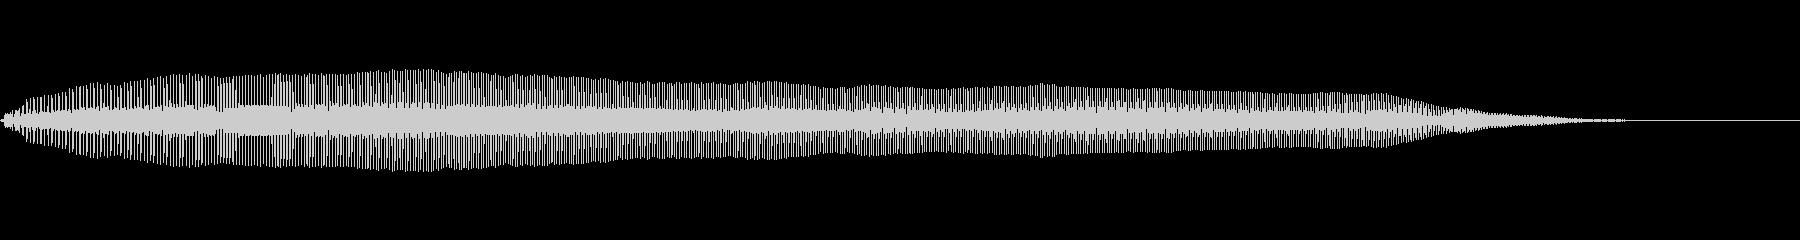 猫の鳴き声 嬉しいの未再生の波形